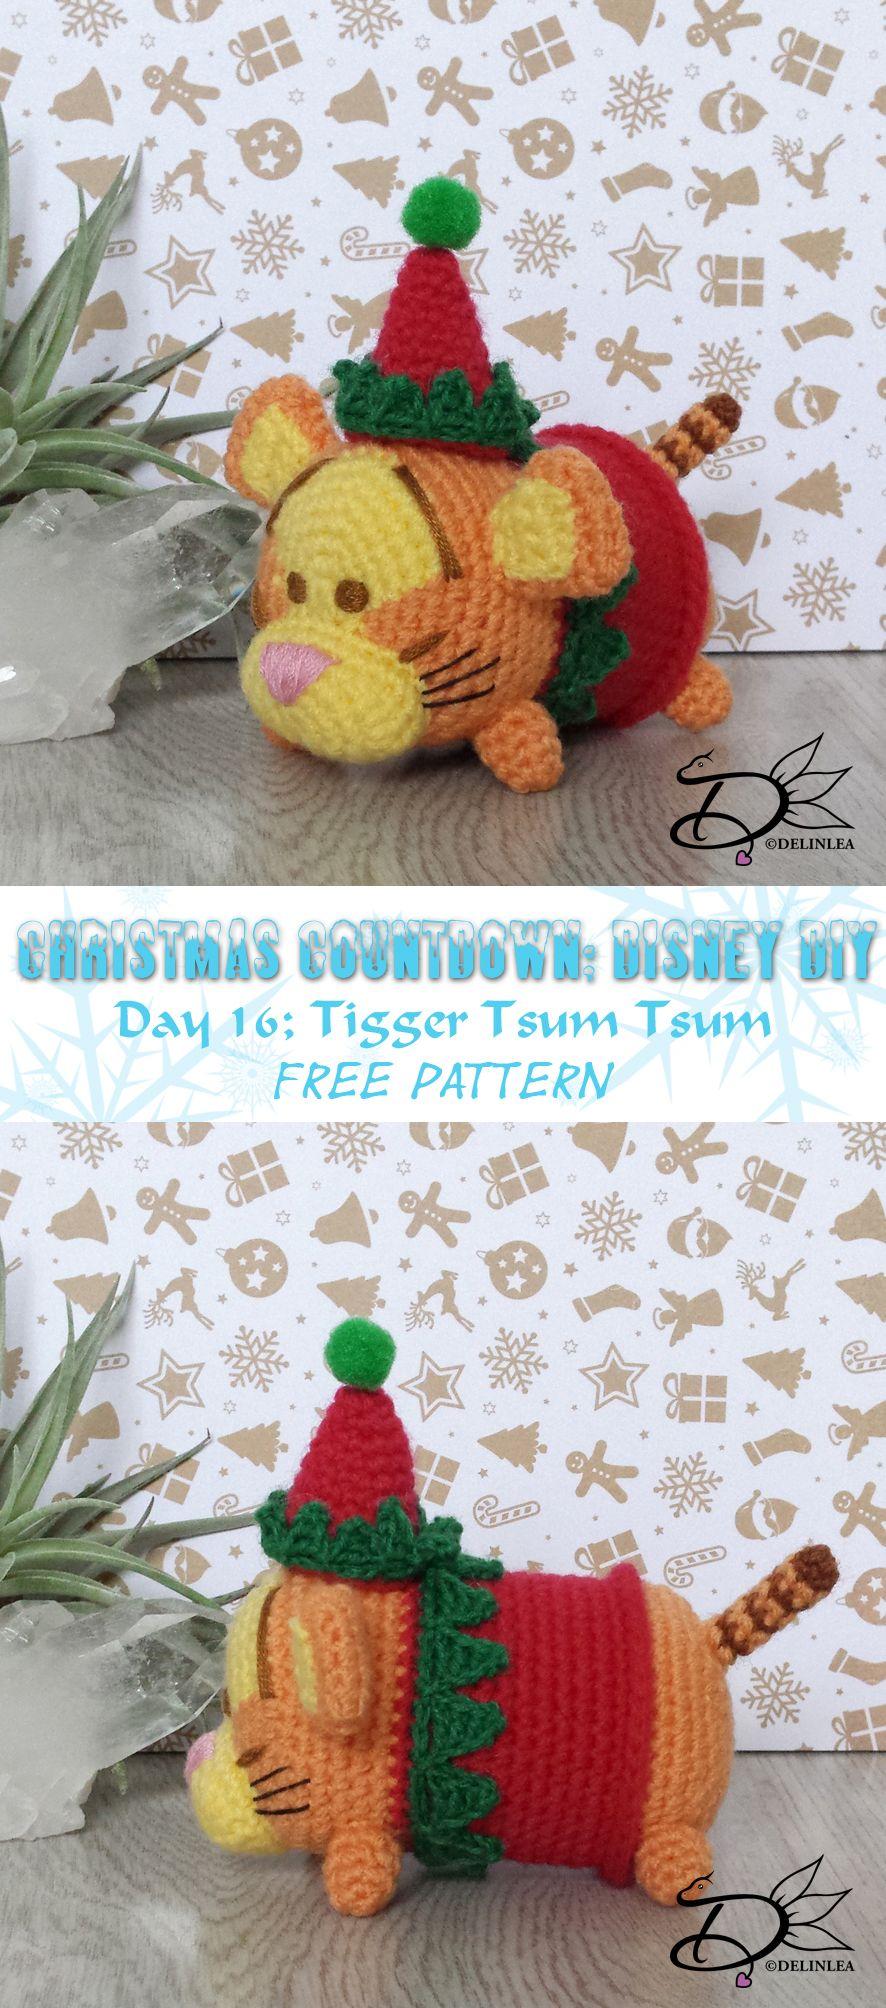 ♥ Day 16: Tigger Tsum Tsum Amigurumi - Delinlea - My little fantasy ...